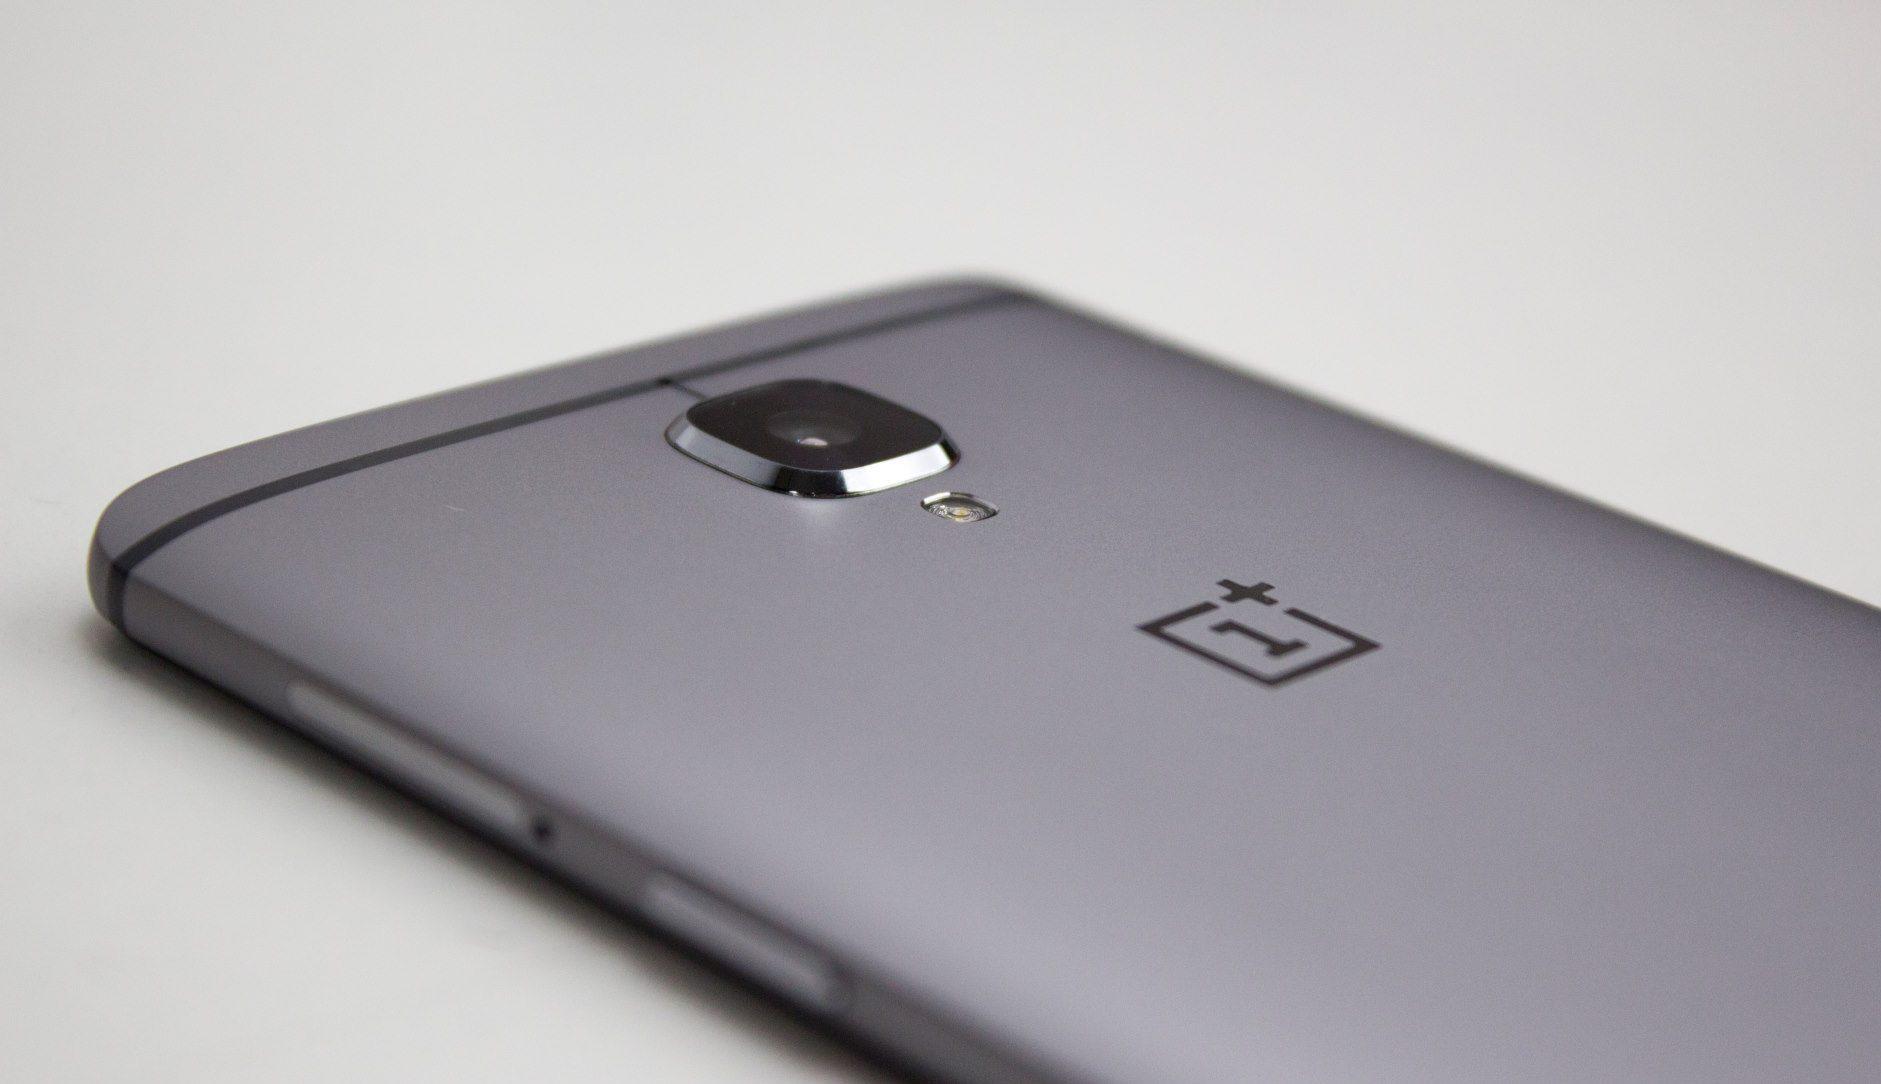 OnePlus 3 camera module